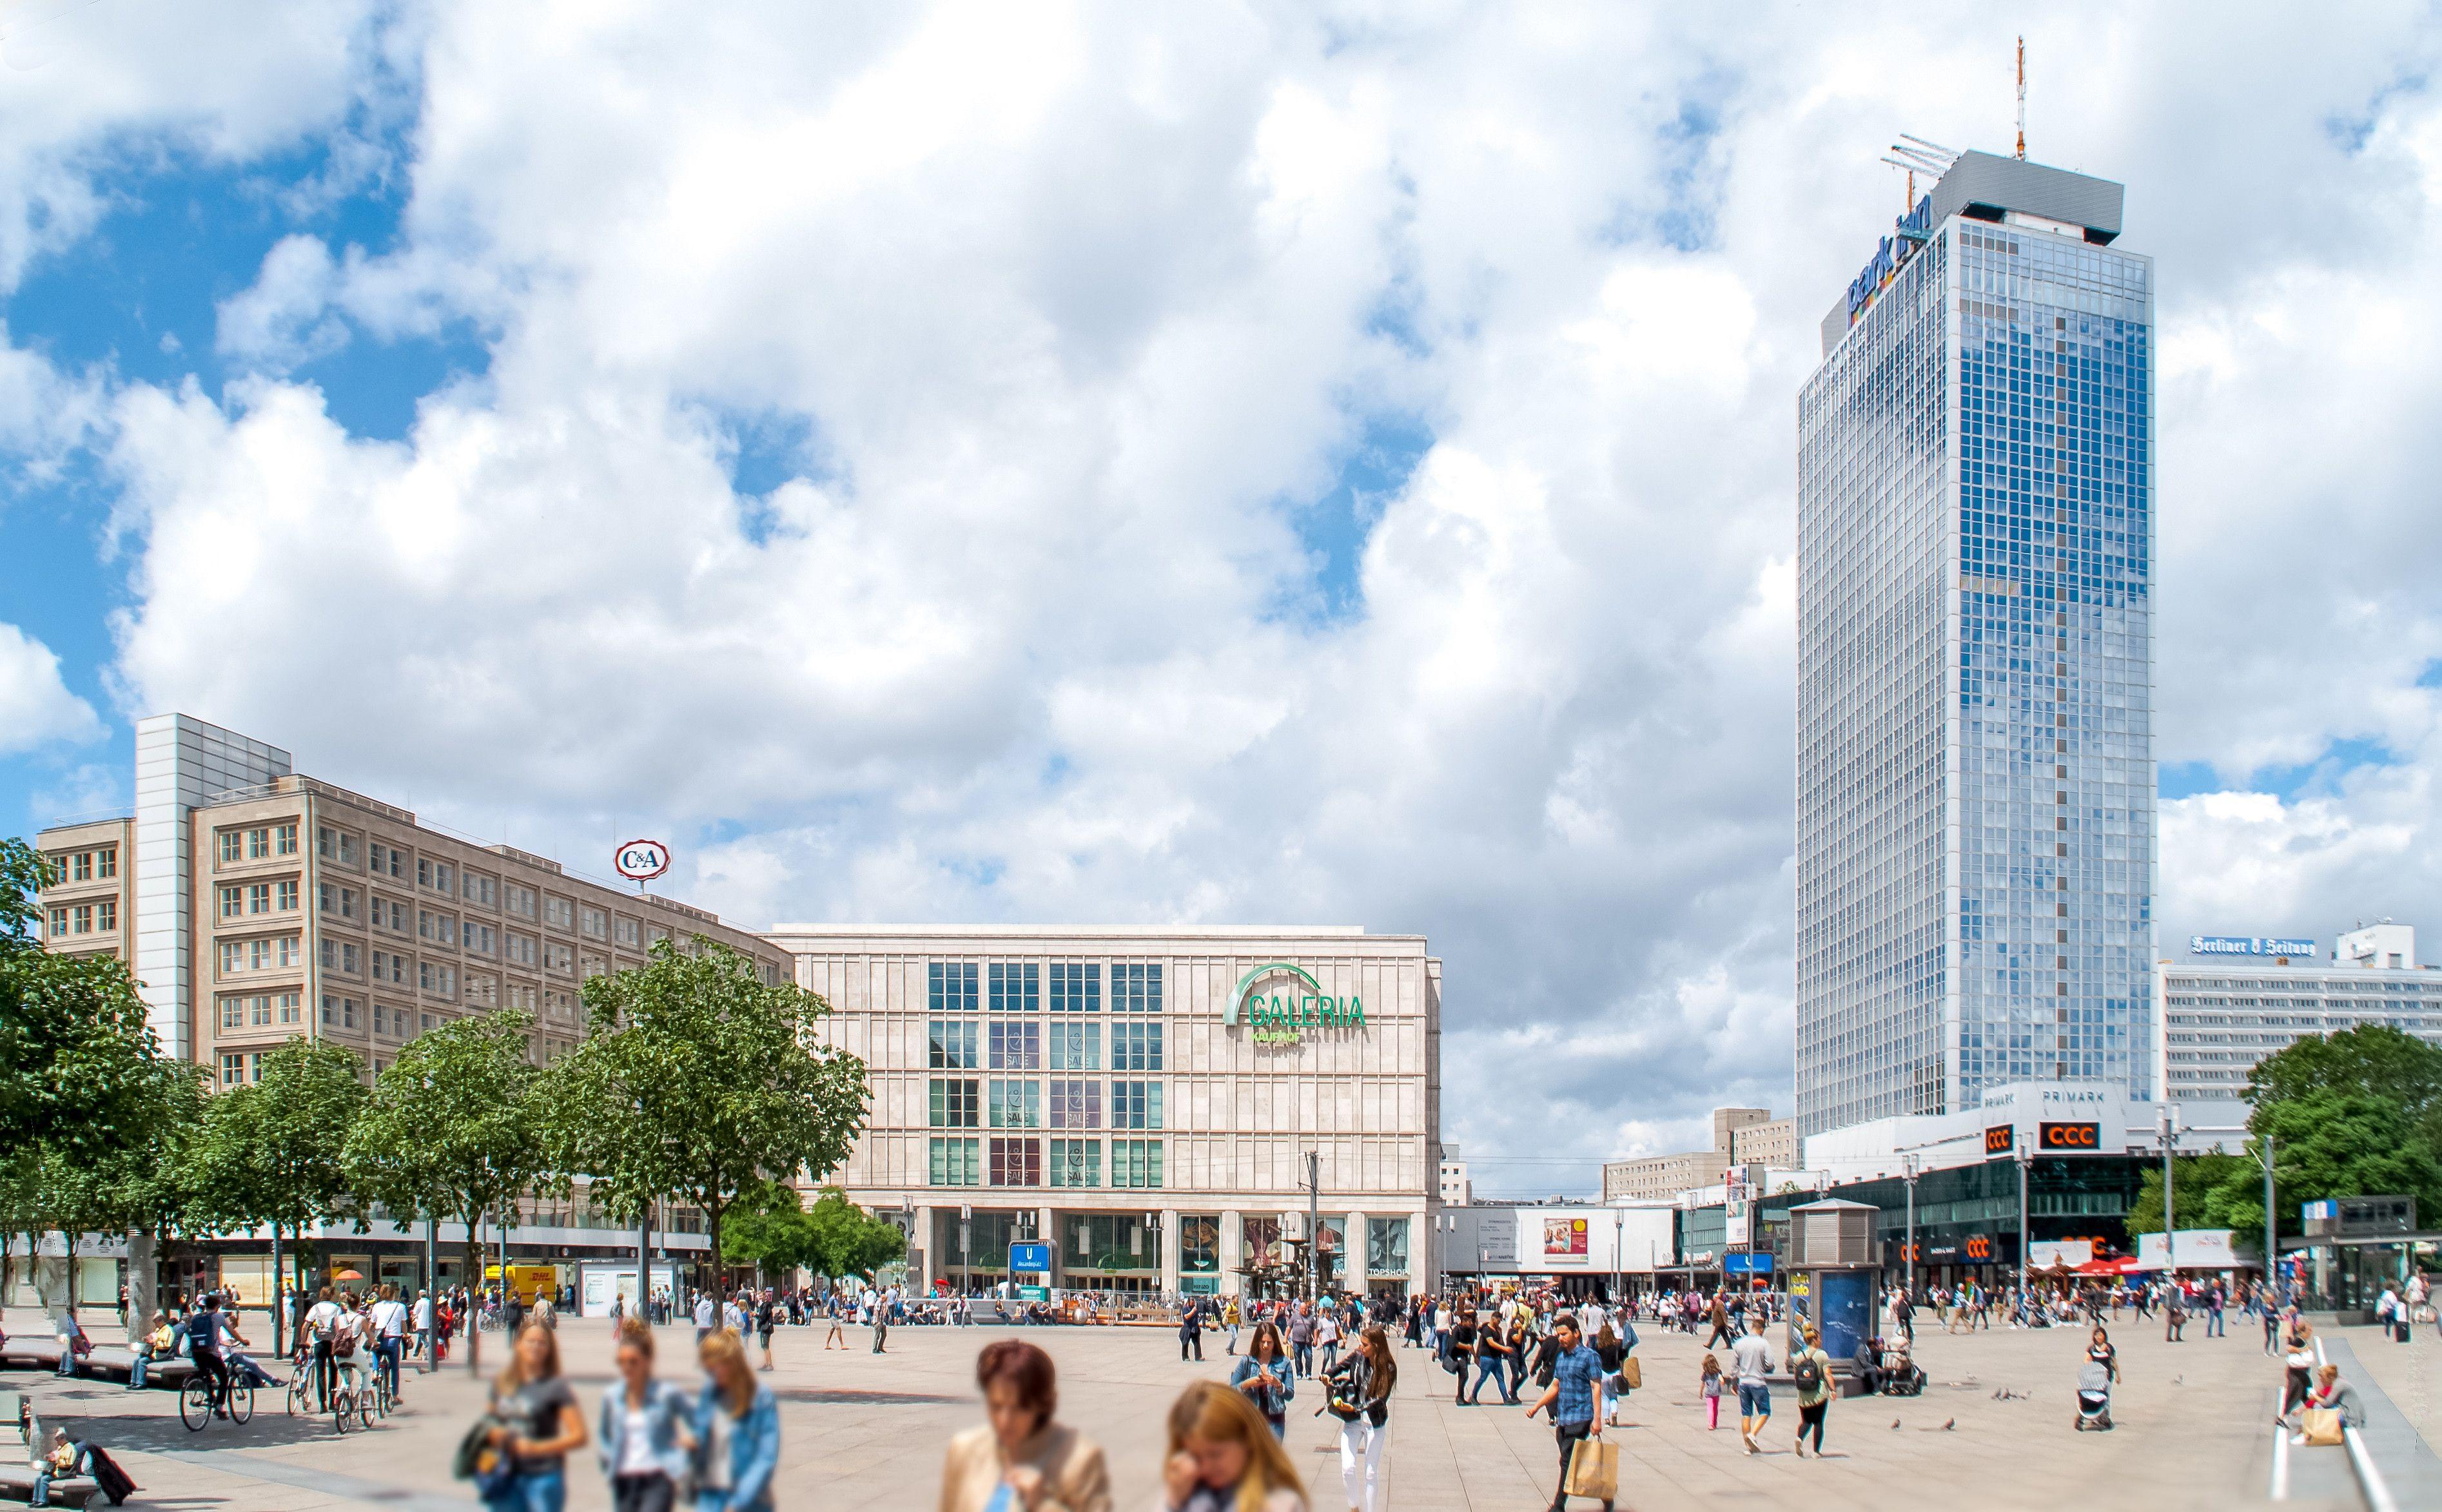 55 Berlin Alexanderplatz In 2020 Street View Hotel Scenes